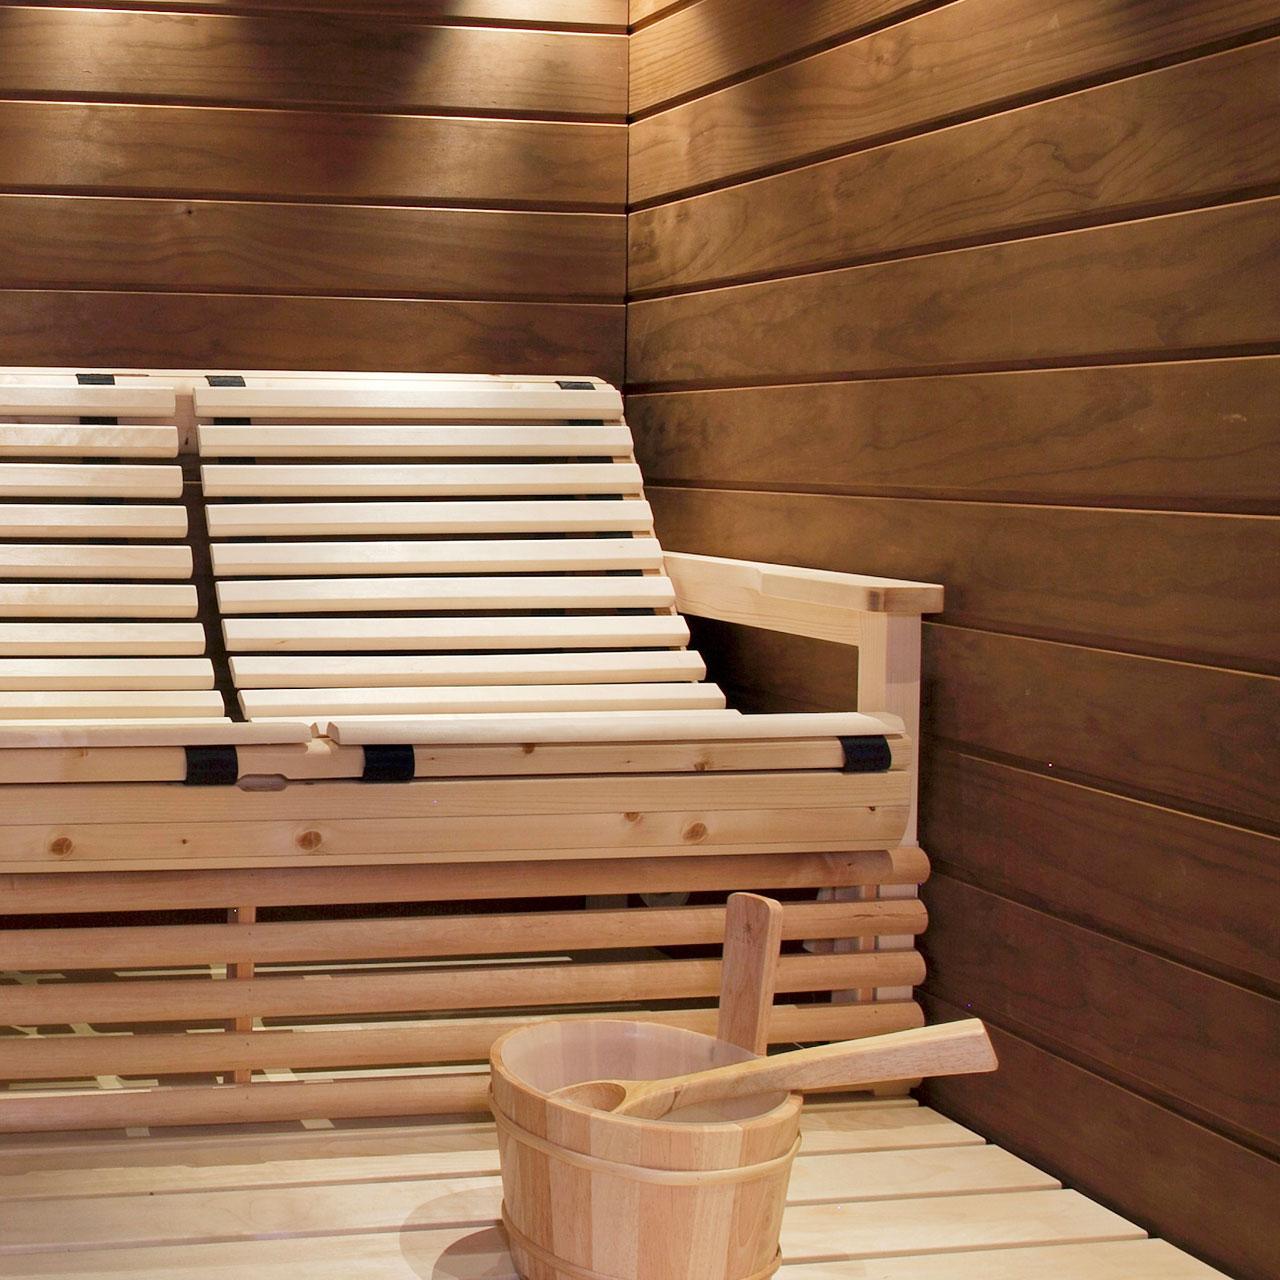 Riippulauteet sopivat erikokoisiin saunoihin.